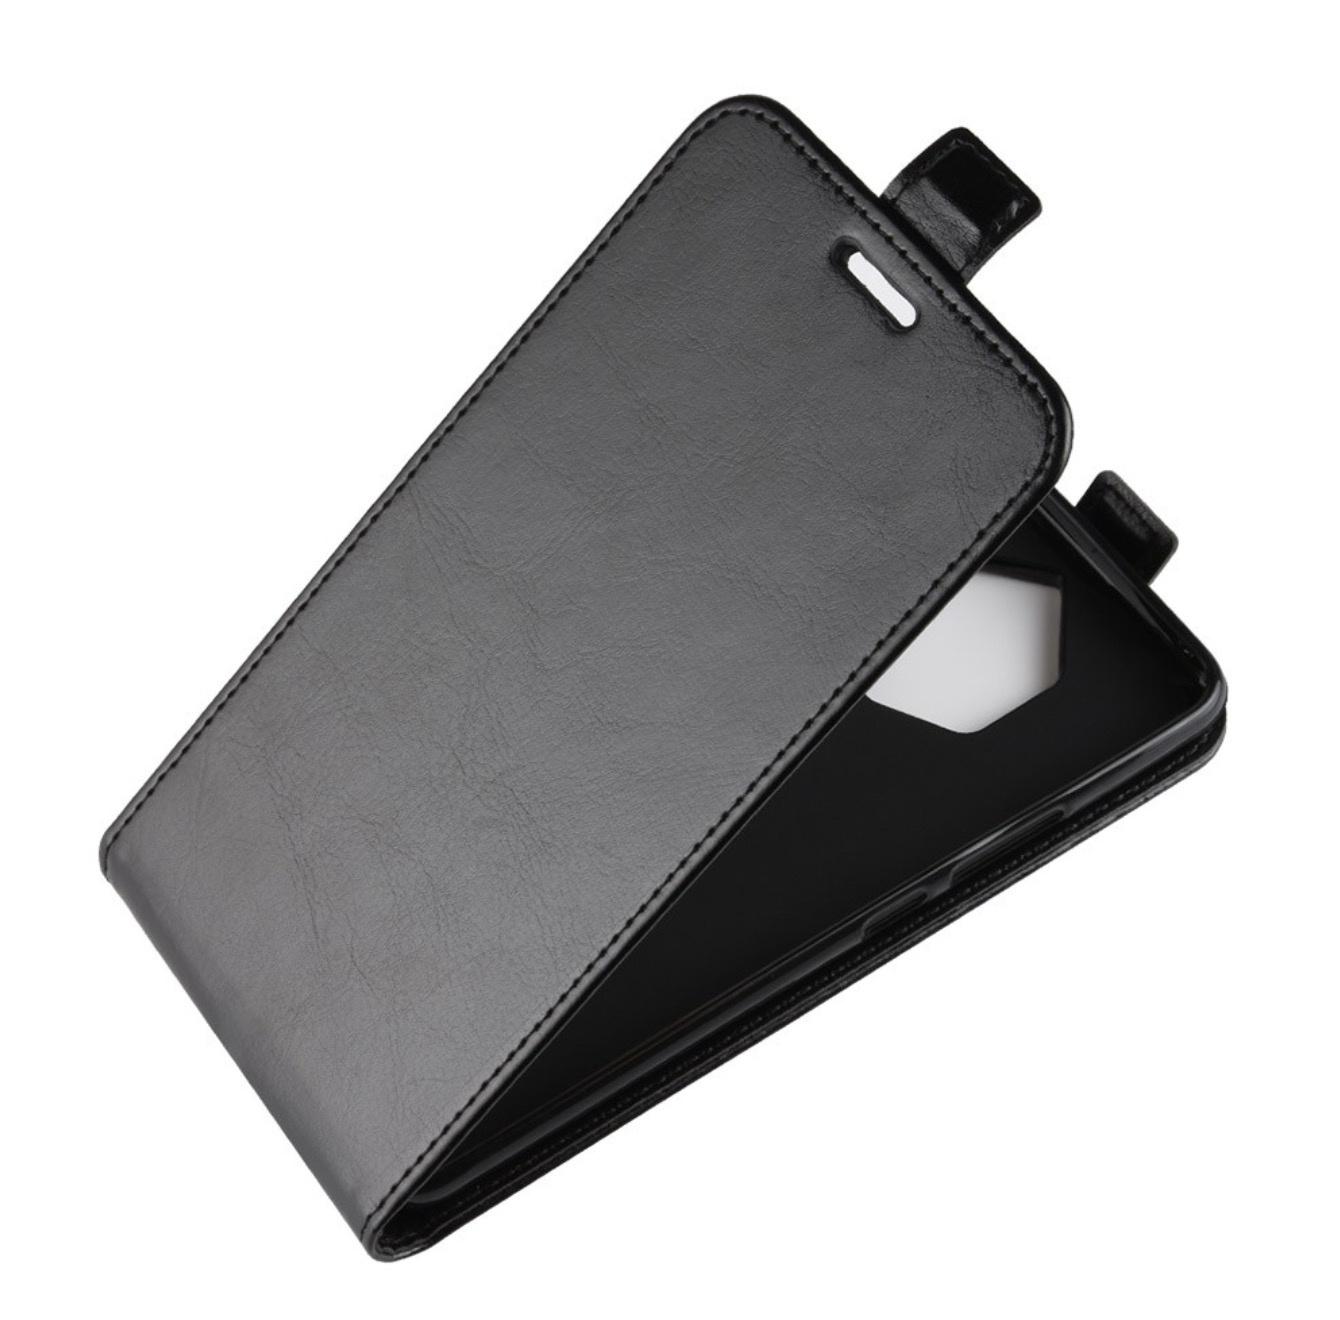 Чехол-флип MyPads для Nokia Lumia 1020 вертикальный откидной черный